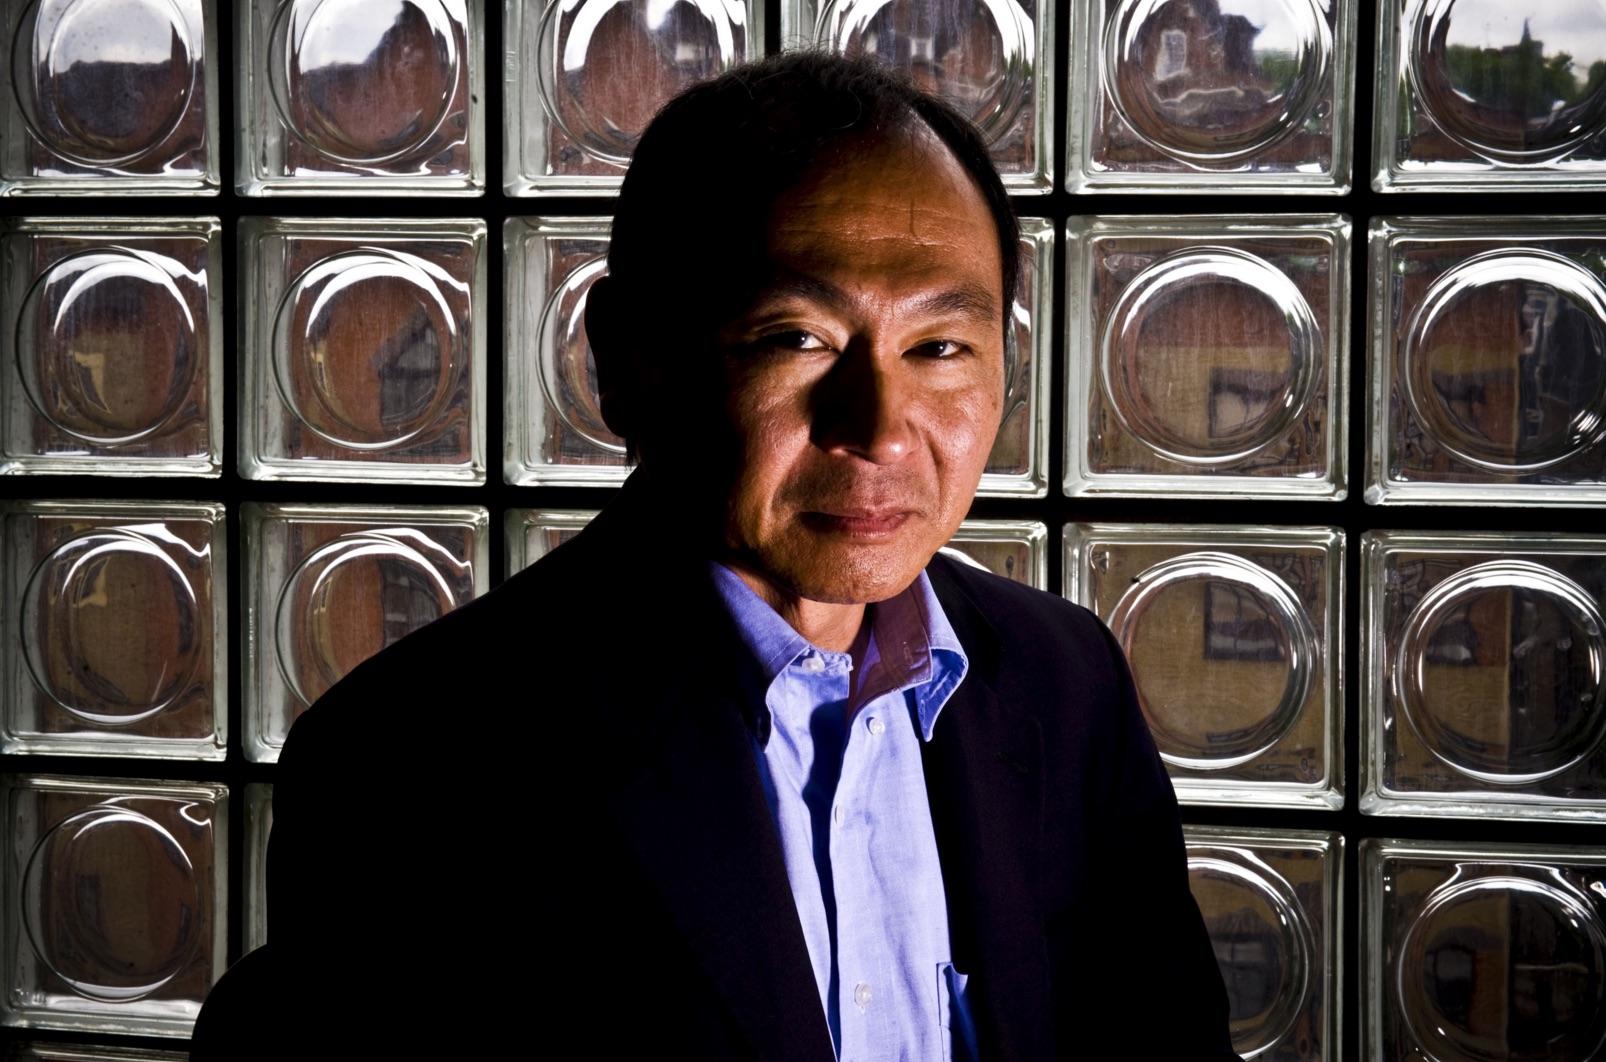 El profesor de historia Francis Fukuyama en Londres. Imagen de The Sunday Times